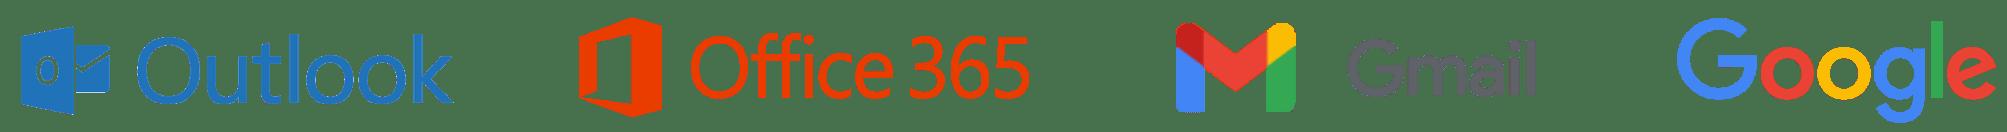 Intégrations G Suite, Outlook et Office 365